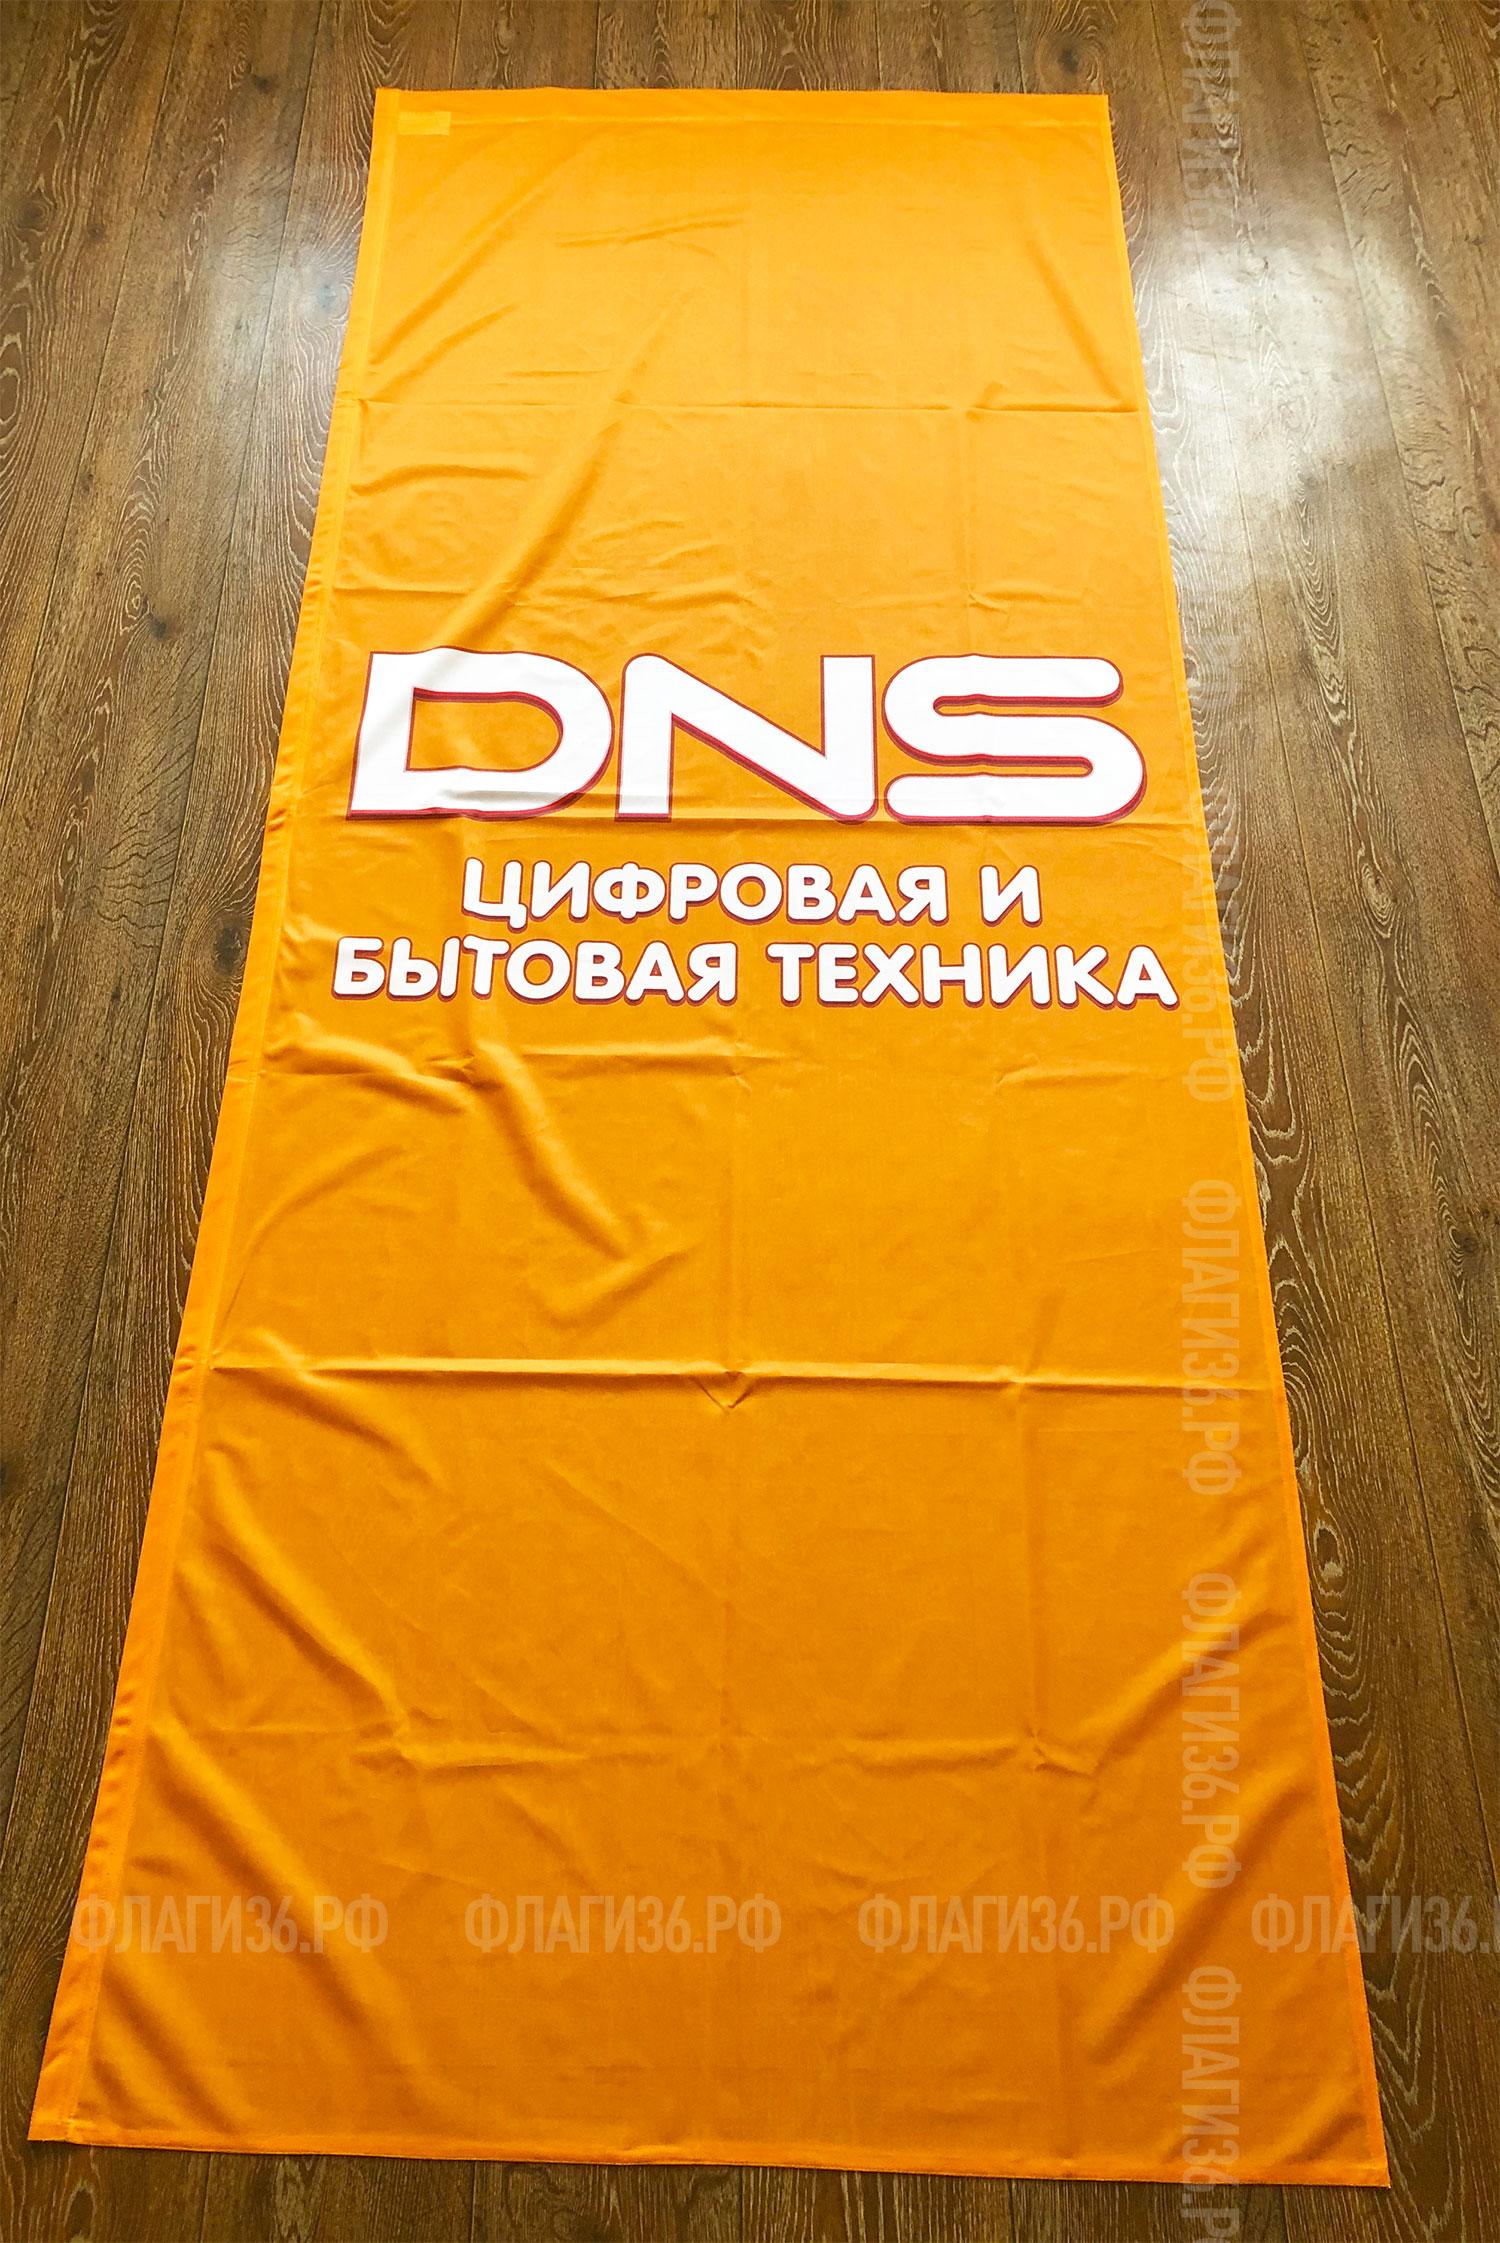 флаг-DNS-цифровая-техника-в-Воронеже